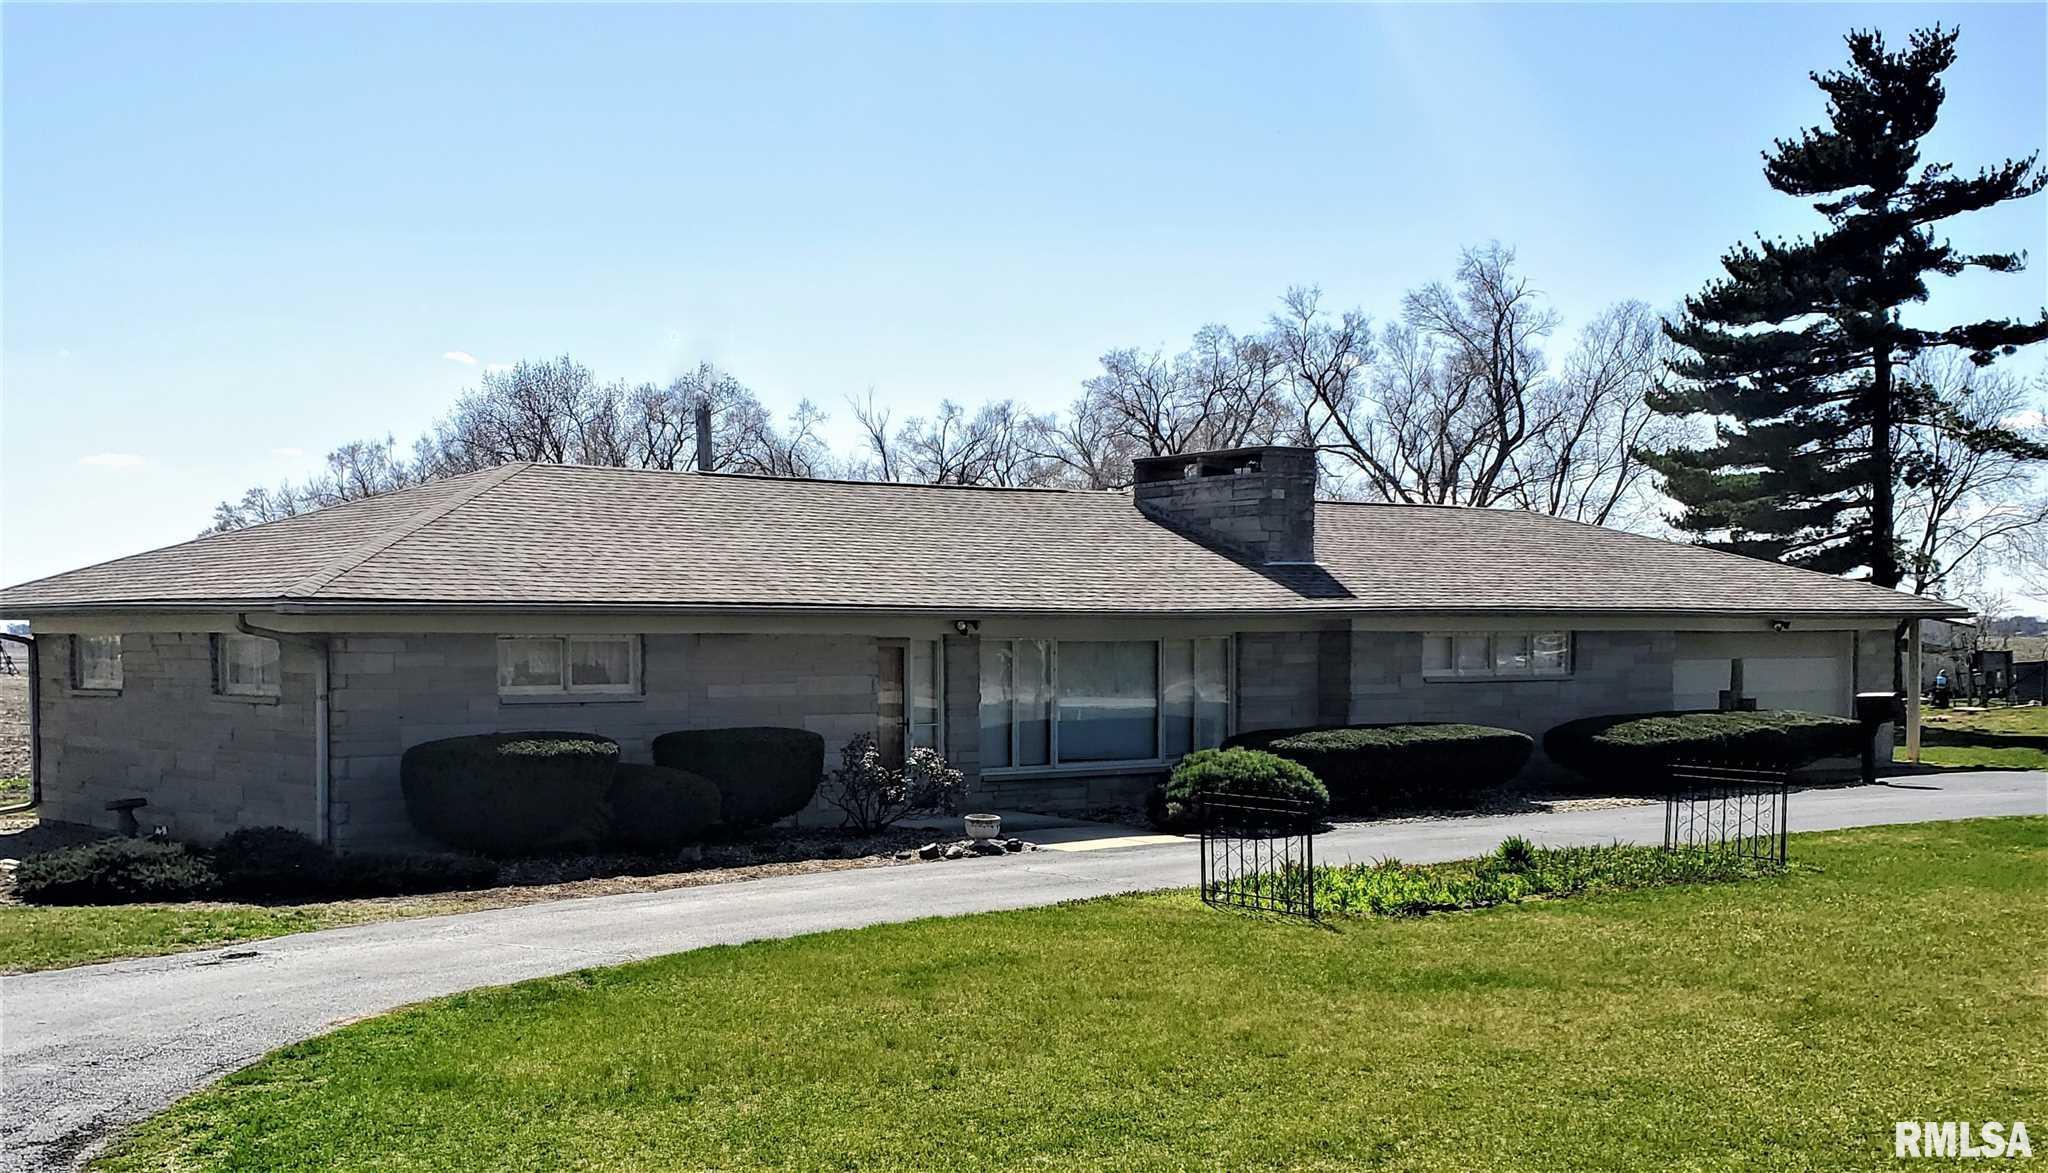 9309 E MANITO Property Photo - Manito, IL real estate listing